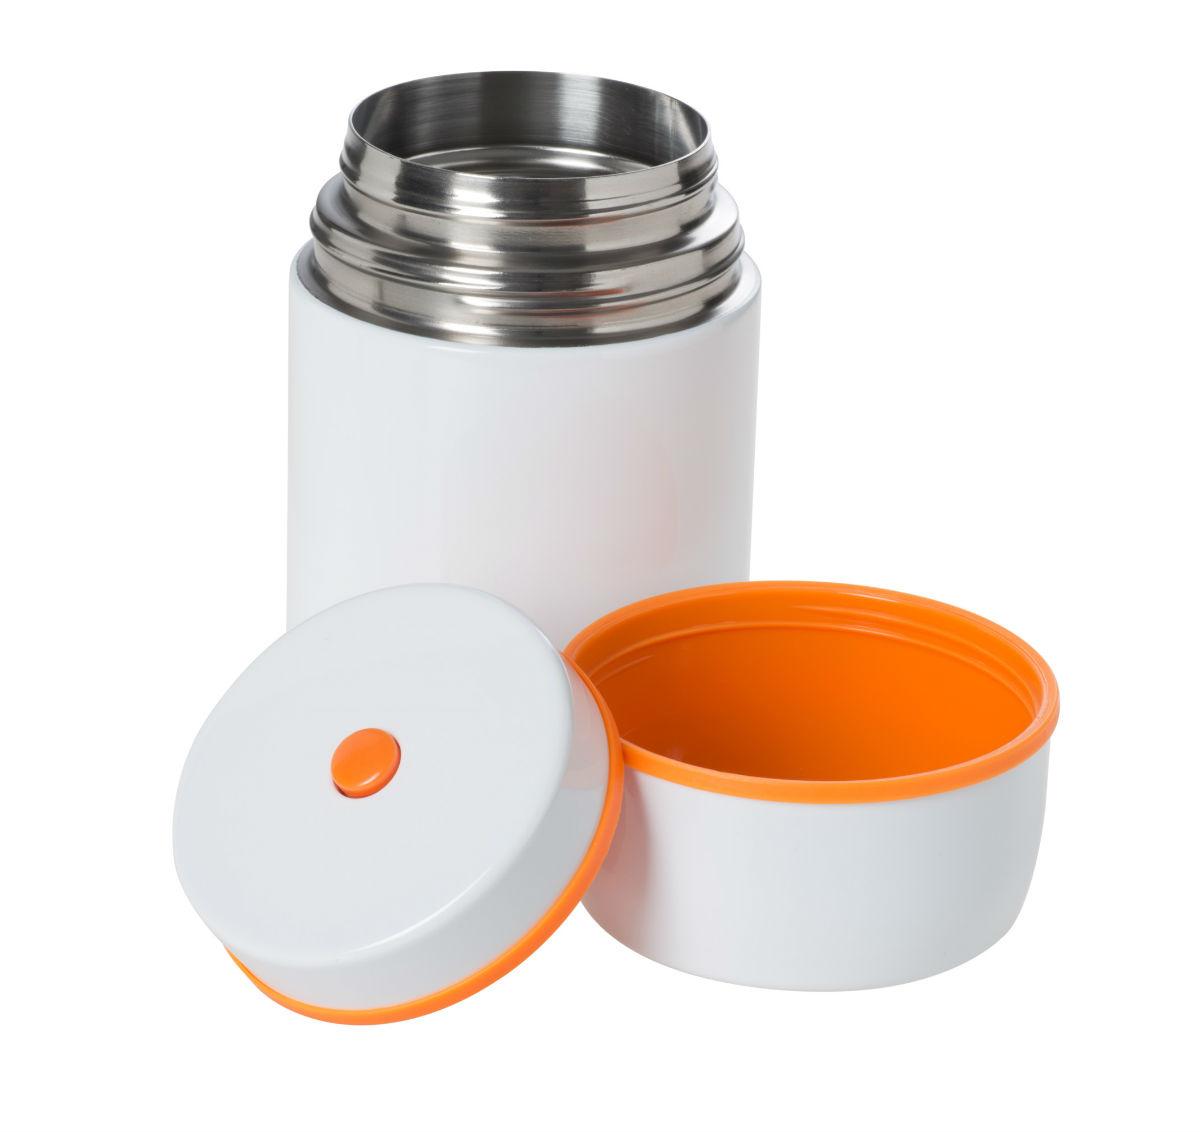 termoska na jedlo Esbit Thermo-Foodbehälter 0.75 L biela - Esbit® FJ 750 ml  termoska na jedlo biela f9544999ef1